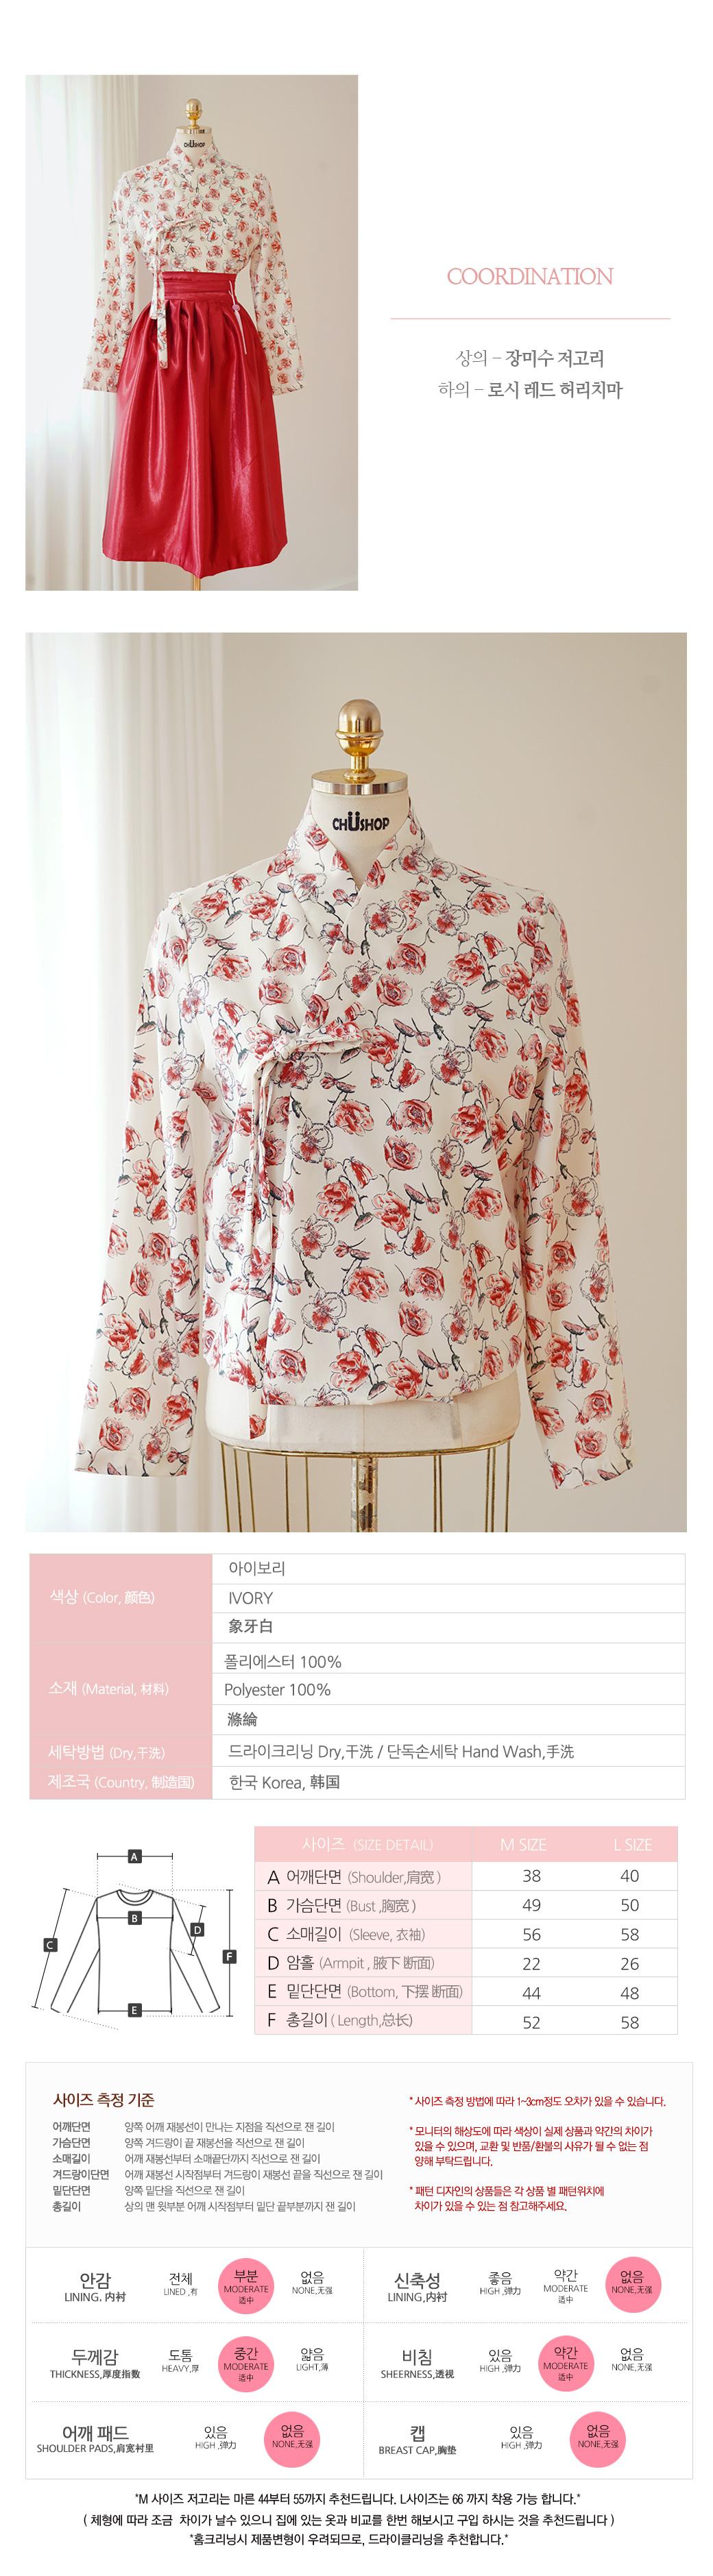 생활한복세트 장미수+로시 레드 - 츄샵, 70,900원, 생활한복, 여성한복